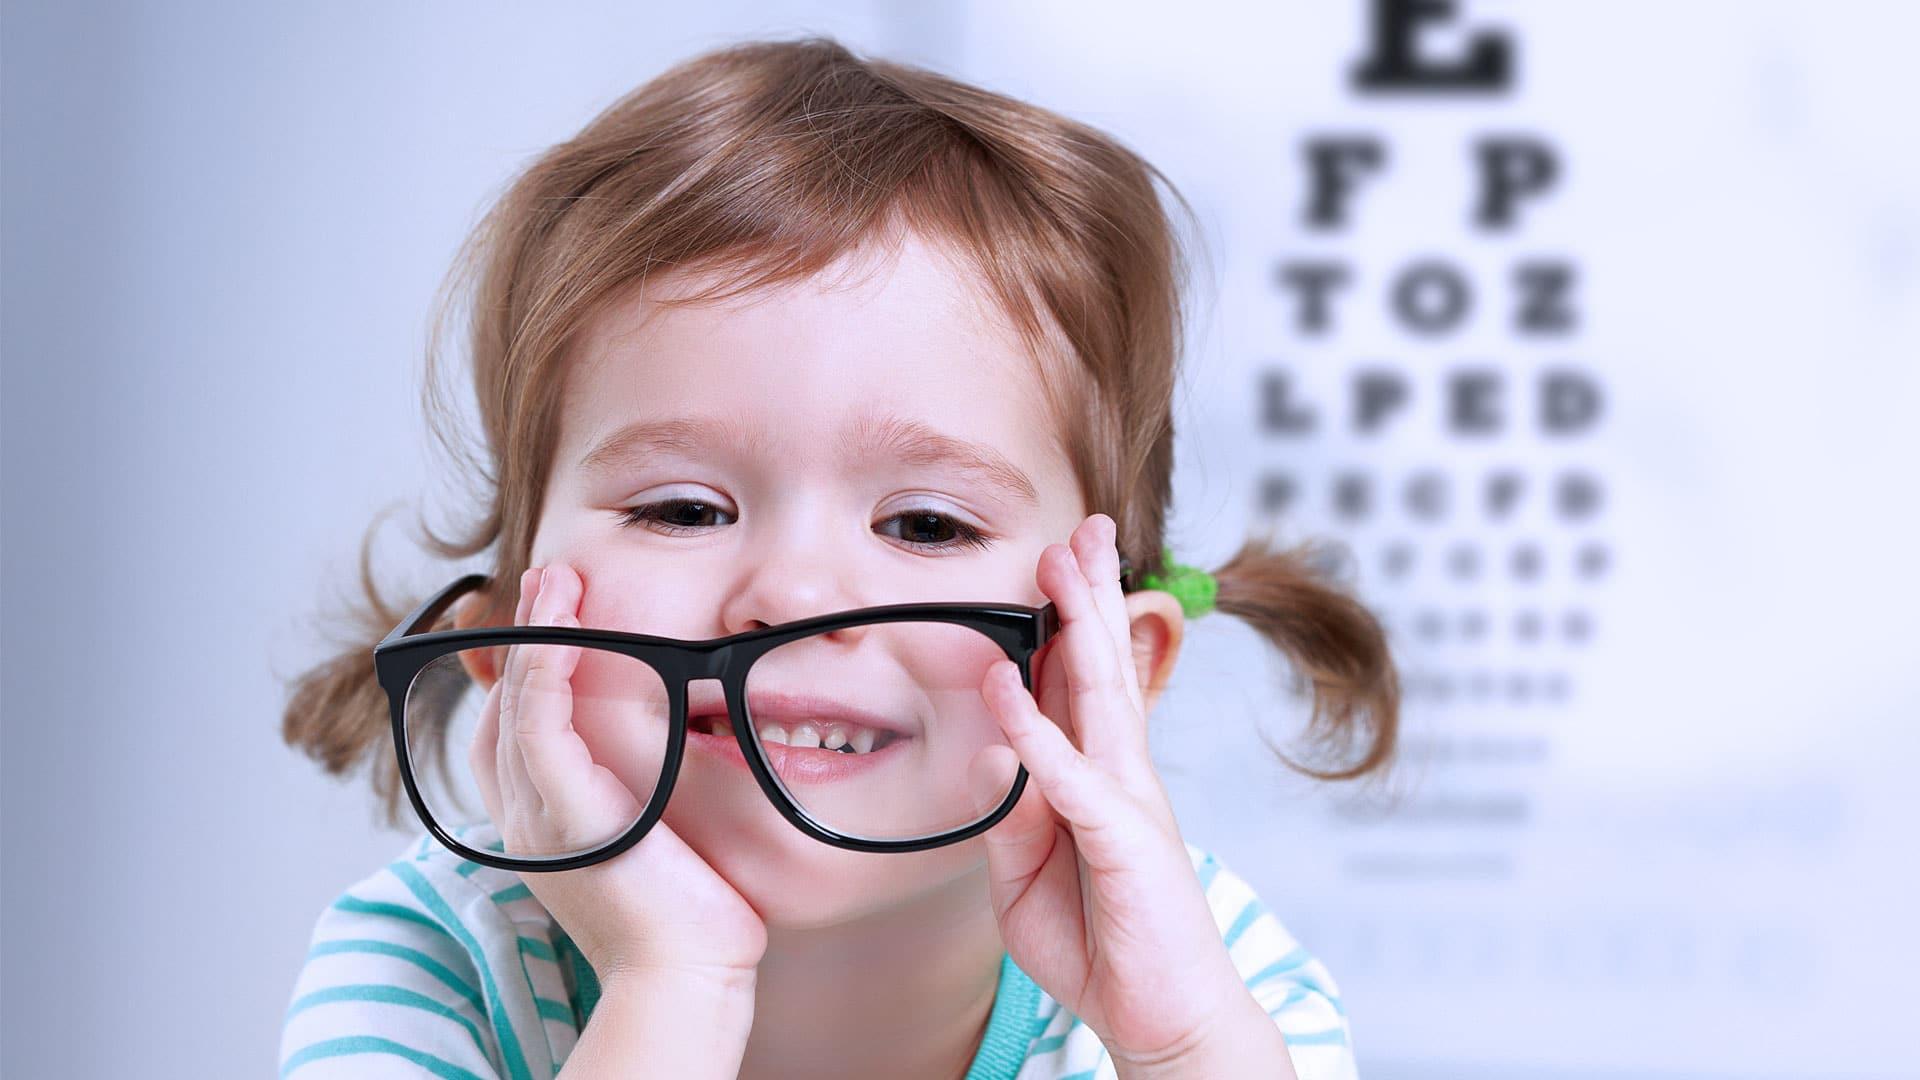 От зрительных нарушений лучше избавляться в детском возрасте